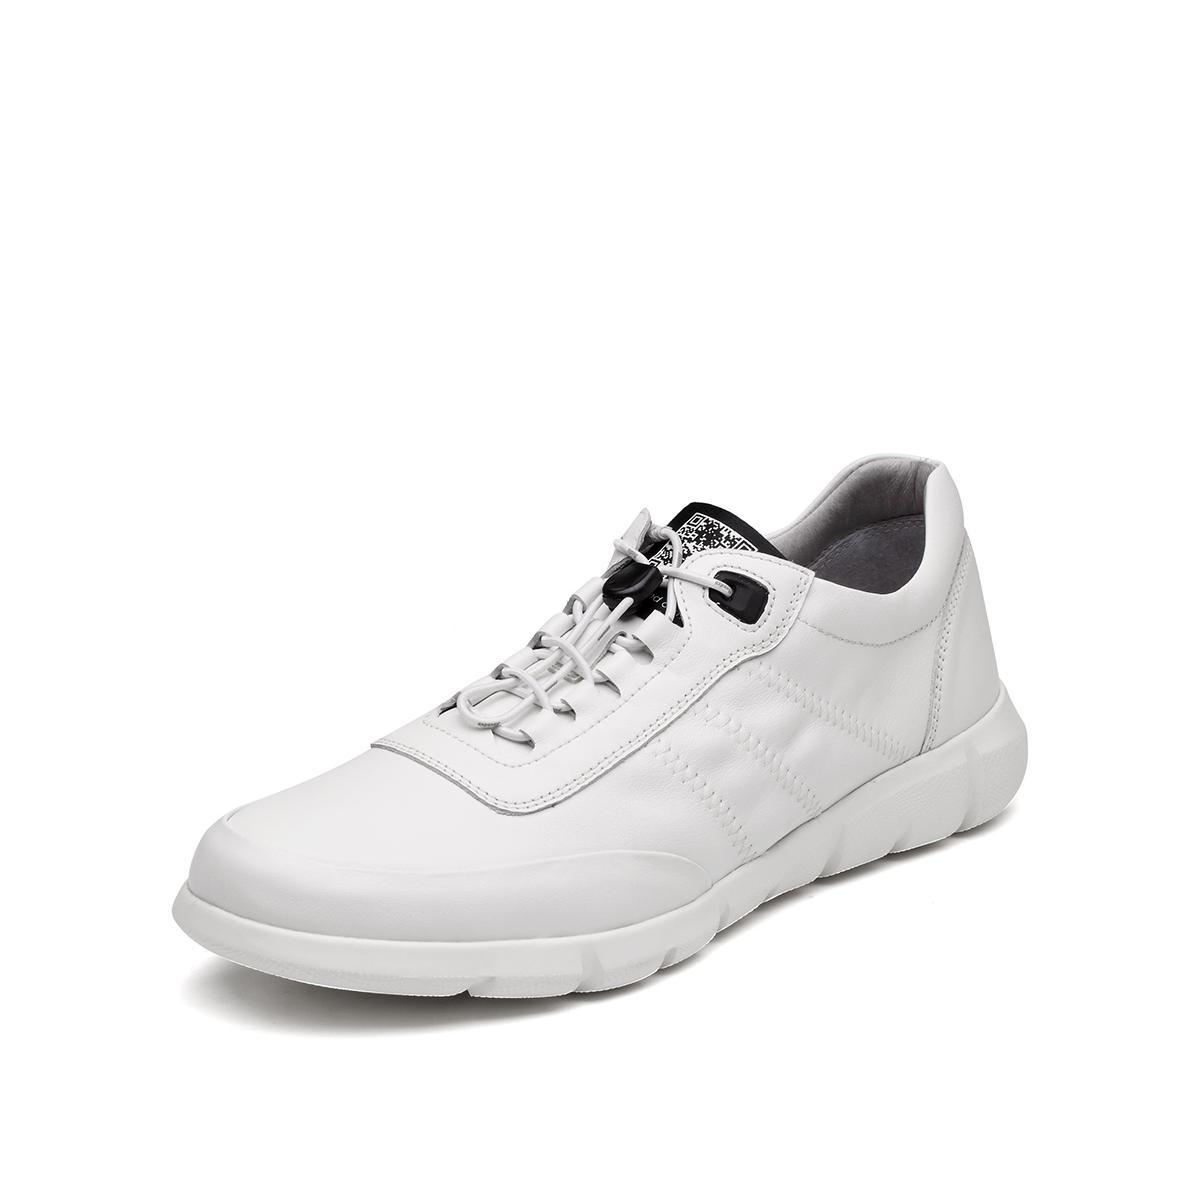 Bata 拔佳2019新款专柜同款圆头系带牛皮革男士休闲鞋